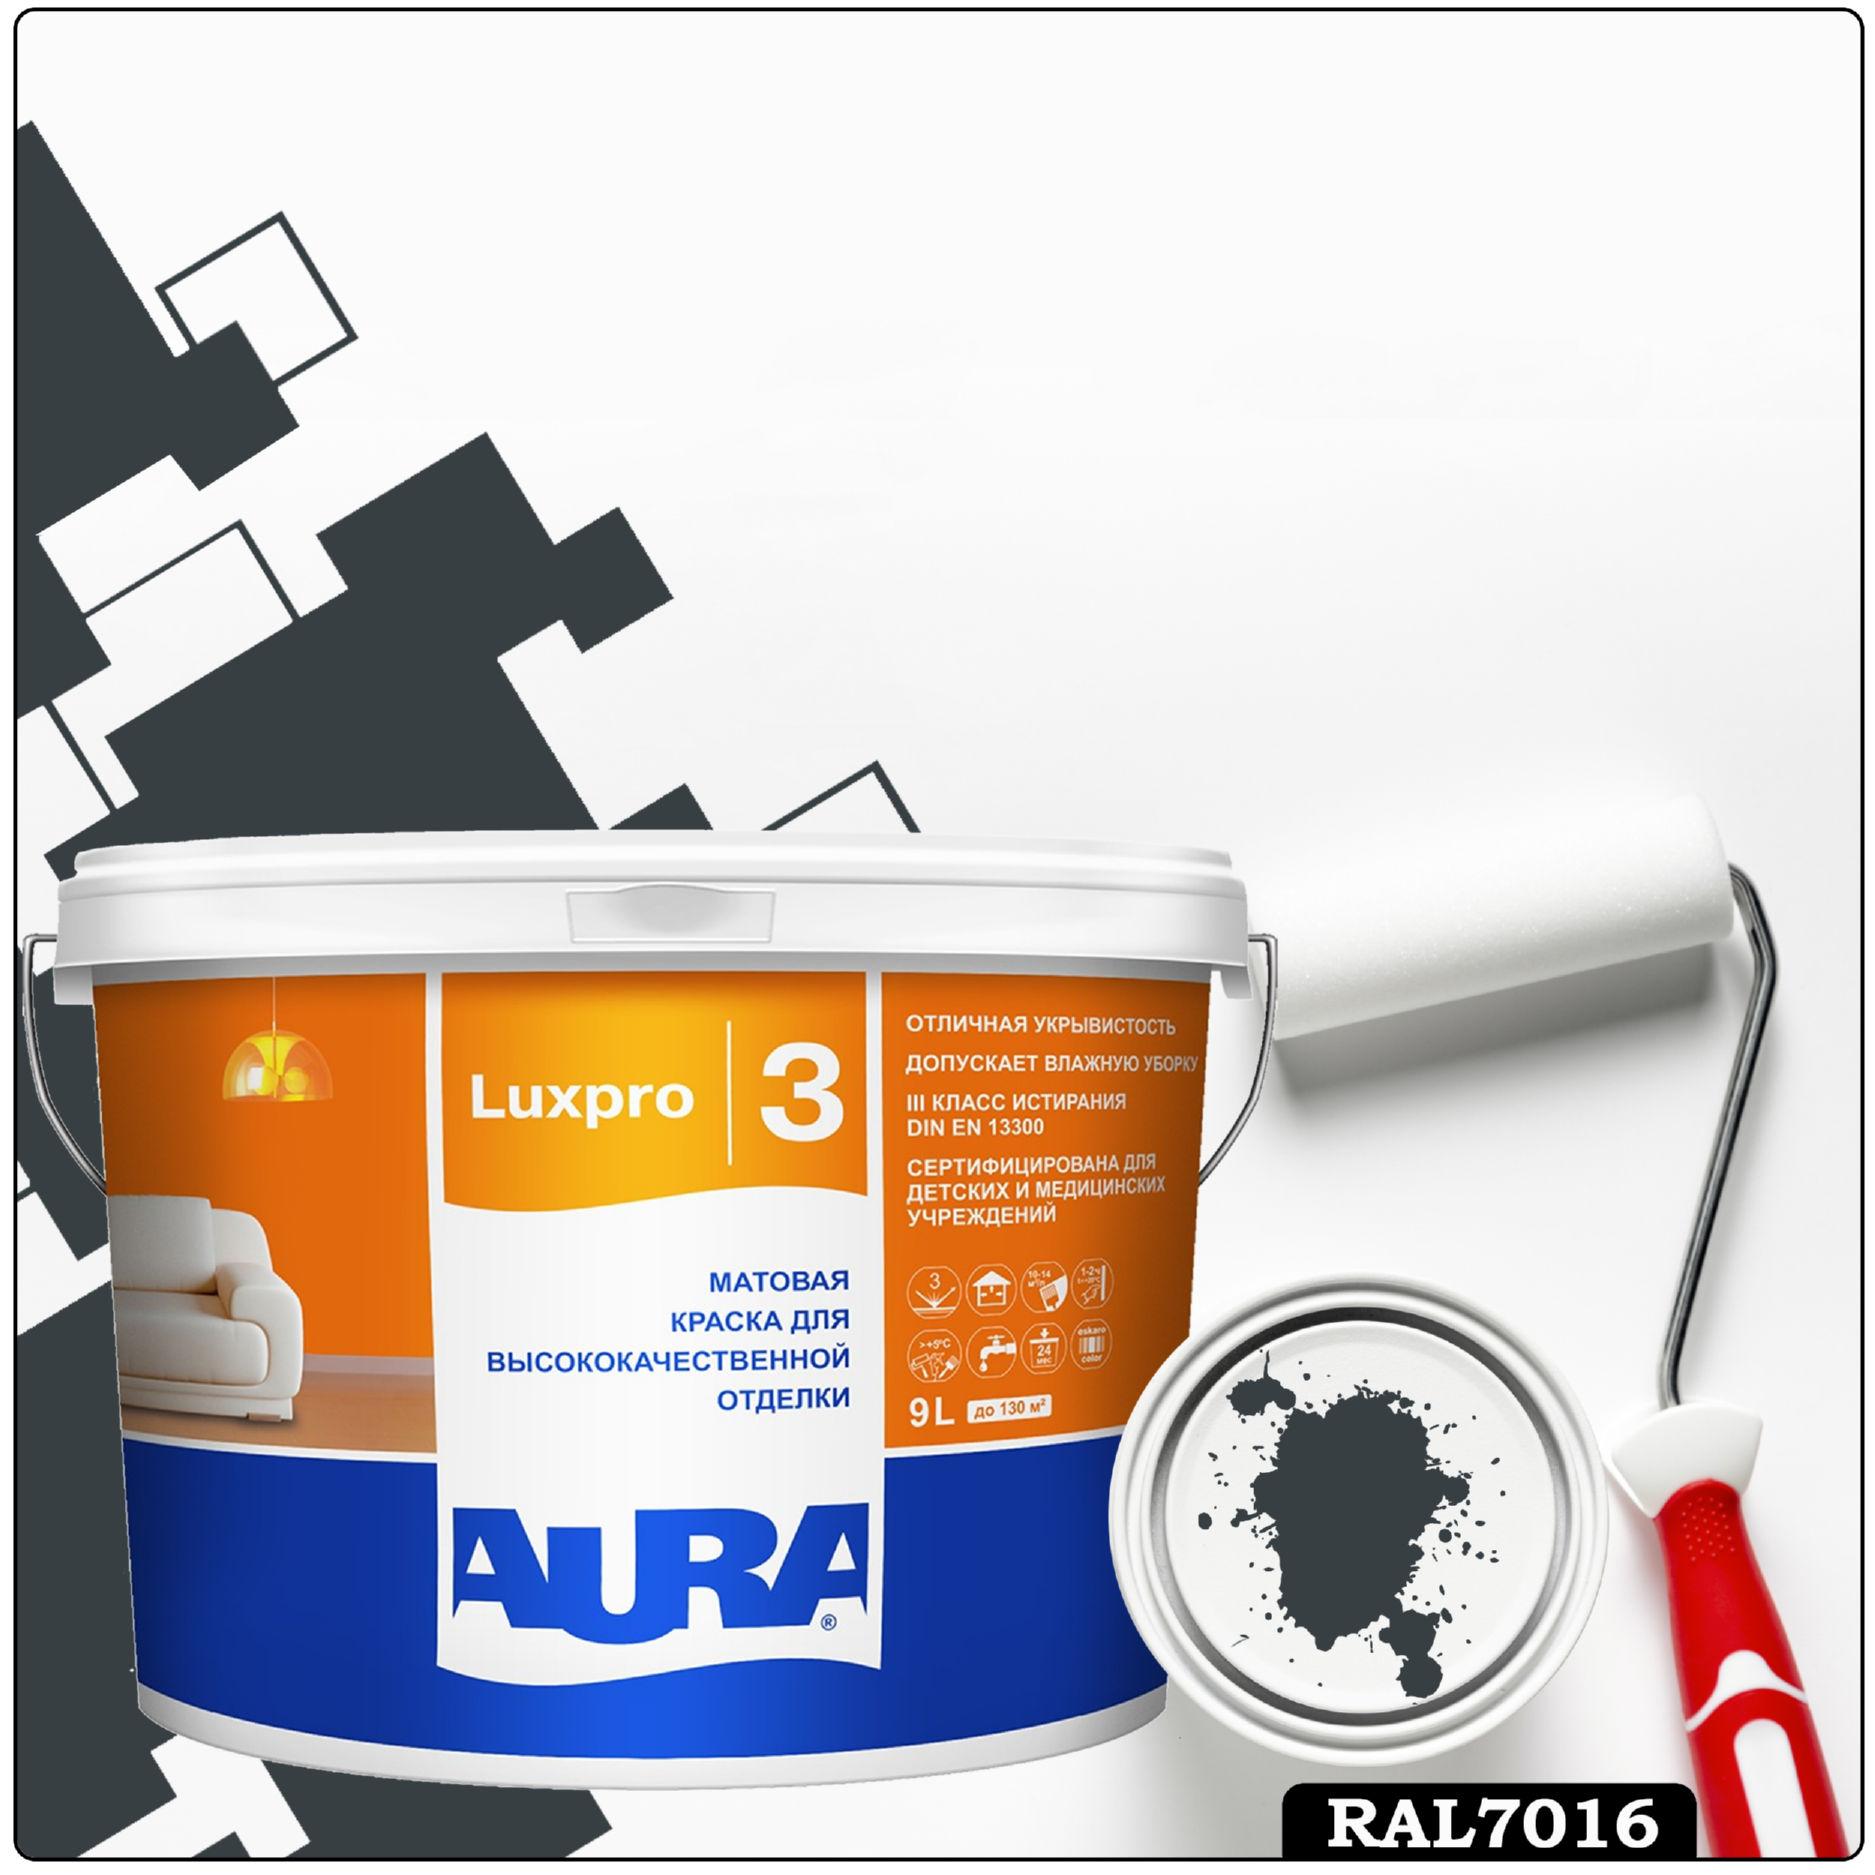 Фото 15 - Краска Aura LuxPRO 3, RAL 7016 Серый антрацит, латексная, шелково-матовая, интерьерная, 9л, Аура.